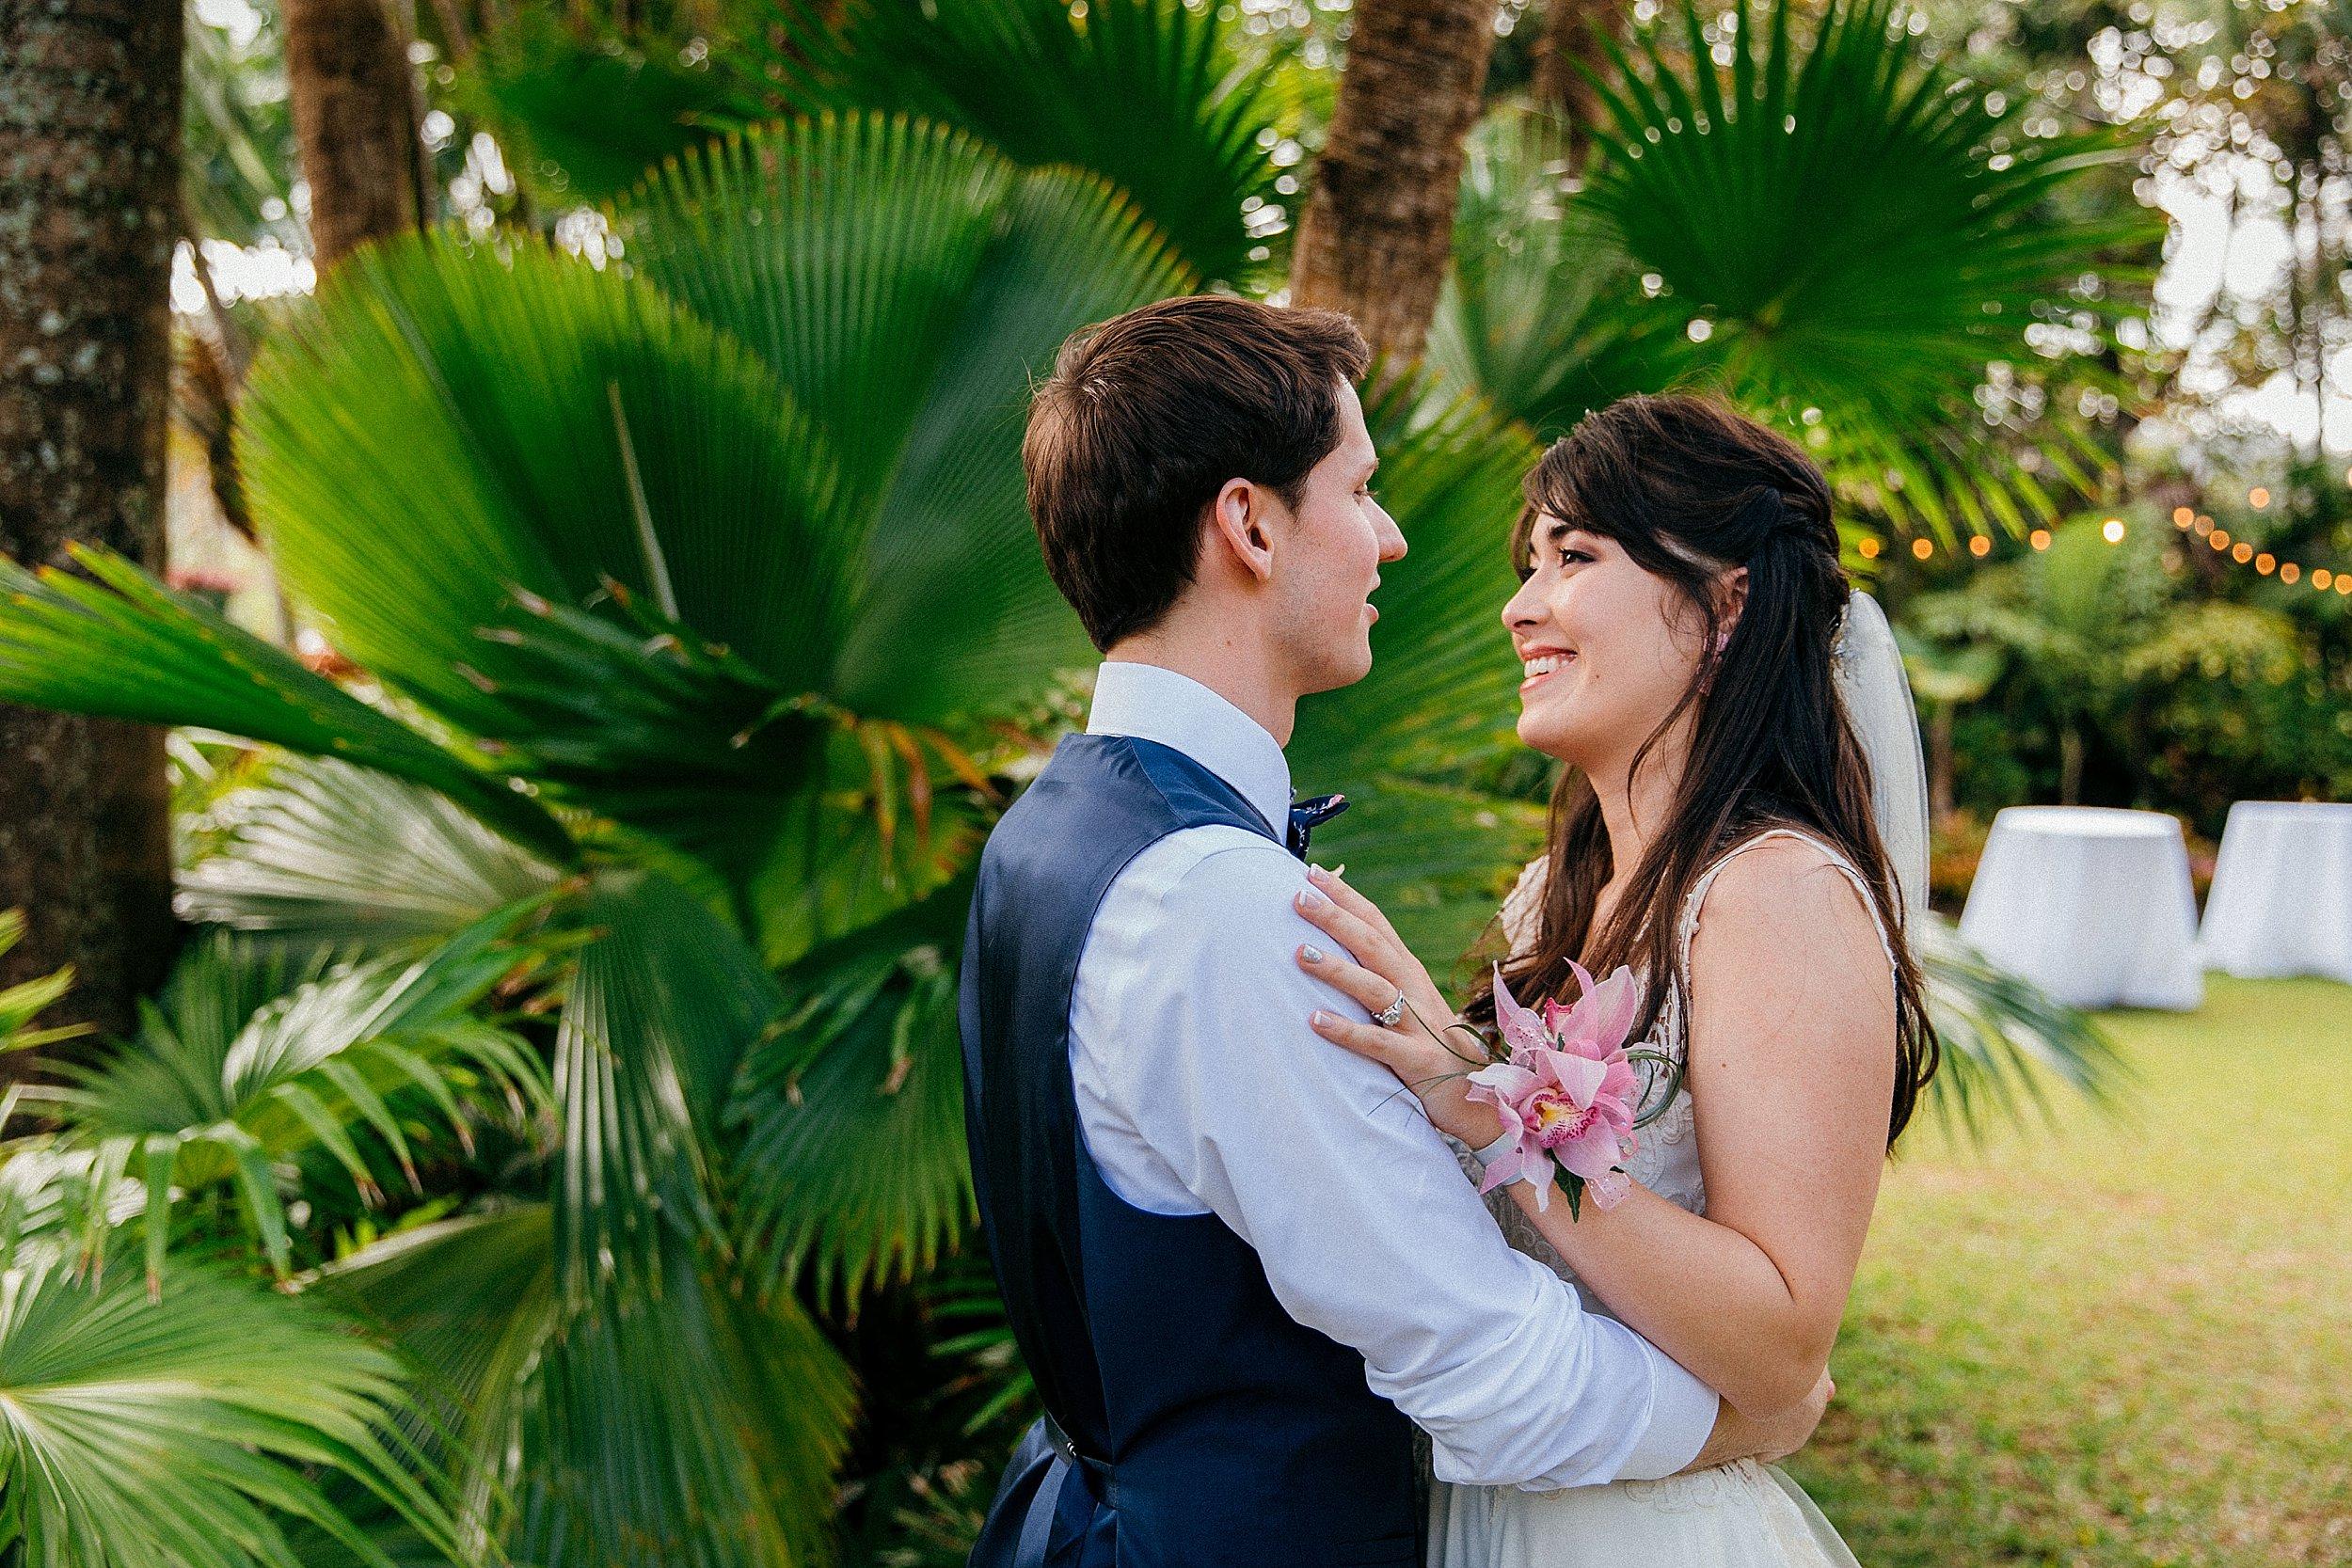 Nikki & Jarred - Intimate North Shore Elopement in Hawaii